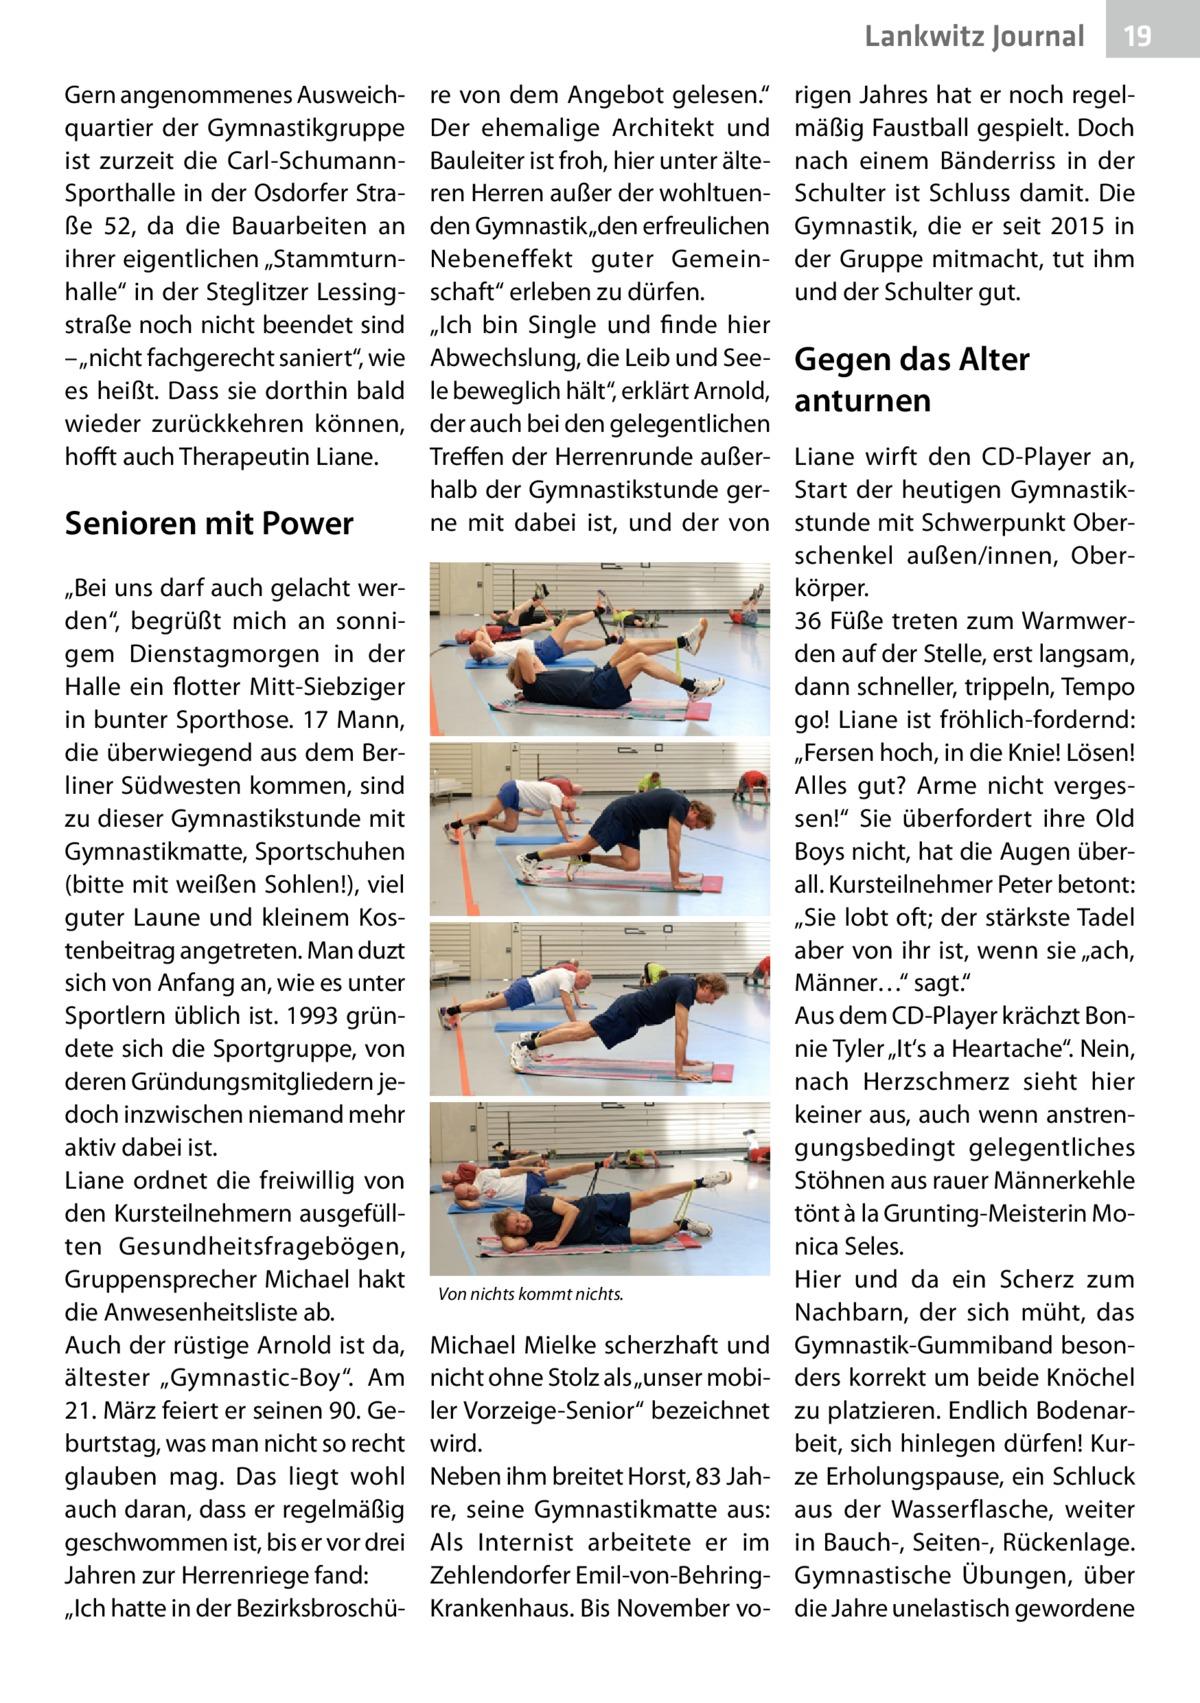 """Lankwitz Journal Gern angenommenes Ausweichquartier der Gymnastikgruppe ist zurzeit die Carl-SchumannSporthalle in der Osdorfer Straße 52, da die Bauarbeiten an ihrer eigentlichen """"Stammturnhalle"""" in der Steglitzer Lessingstraße noch nicht beendet sind – """"nicht fachgerecht saniert"""", wie es heißt. Dass sie dorthin bald wieder zurückkehren können, hofft auch Therapeutin Liane.  Senioren mit Power """"Bei uns darf auch gelacht werden"""", begrüßt mich an sonnigem Dienstagmorgen in der Halle ein flotter Mitt-Siebziger in bunter Sporthose. 17Mann, die überwiegend aus dem Berliner Südwesten kommen, sind zu dieser Gymnastikstunde mit Gymnastikmatte, Sportschuhen (bitte mit weißen Sohlen!), viel guter Laune und kleinem Kostenbeitrag angetreten. Man duzt sich von Anfang an, wie es unter Sportlern üblich ist. 1993 gründete sich die Sportgruppe, von deren Gründungsmitgliedern jedoch inzwischen niemand mehr aktiv dabei ist. Liane ordnet die freiwillig von den Kursteilnehmern ausgefüllten Gesundheitsfragebögen, Gruppensprecher Michael hakt die Anwesenheitsliste ab. Auch der rüstige Arnold ist da, ältester """"Gymnastic-Boy"""". Am 21.März feiert er seinen 90.Geburtstag, was man nicht so recht glauben mag. Das liegt wohl auch daran, dass er regelmäßig geschwommen ist, bis er vor drei Jahren zur Herrenriege fand: """"Ich hatte in der Bezirksbroschü re von dem Angebot gelesen."""" Der ehemalige Architekt und Bauleiter ist froh, hier unter älteren Herren außer der wohltuenden Gymnastik """"den erfreulichen Nebeneffekt guter Gemeinschaft"""" erleben zu dürfen. """"Ich bin Single und finde hier Abwechslung, die Leib und Seele beweglich hält"""", erklärt Arnold, der auch bei den gelegentlichen Treffen der Herrenrunde außerhalb der Gymnastikstunde gerne mit dabei ist, und der von  Von nichts kommt nichts.  Michael Mielke scherzhaft und nicht ohne Stolz als """"unser mobiler Vorzeige-Senior"""" bezeichnet wird. Neben ihm breitet Horst, 83Jahre, seine Gymnastikmatte aus: Als Internist arbeitete er im Zehlendorfer Emil-von-B"""